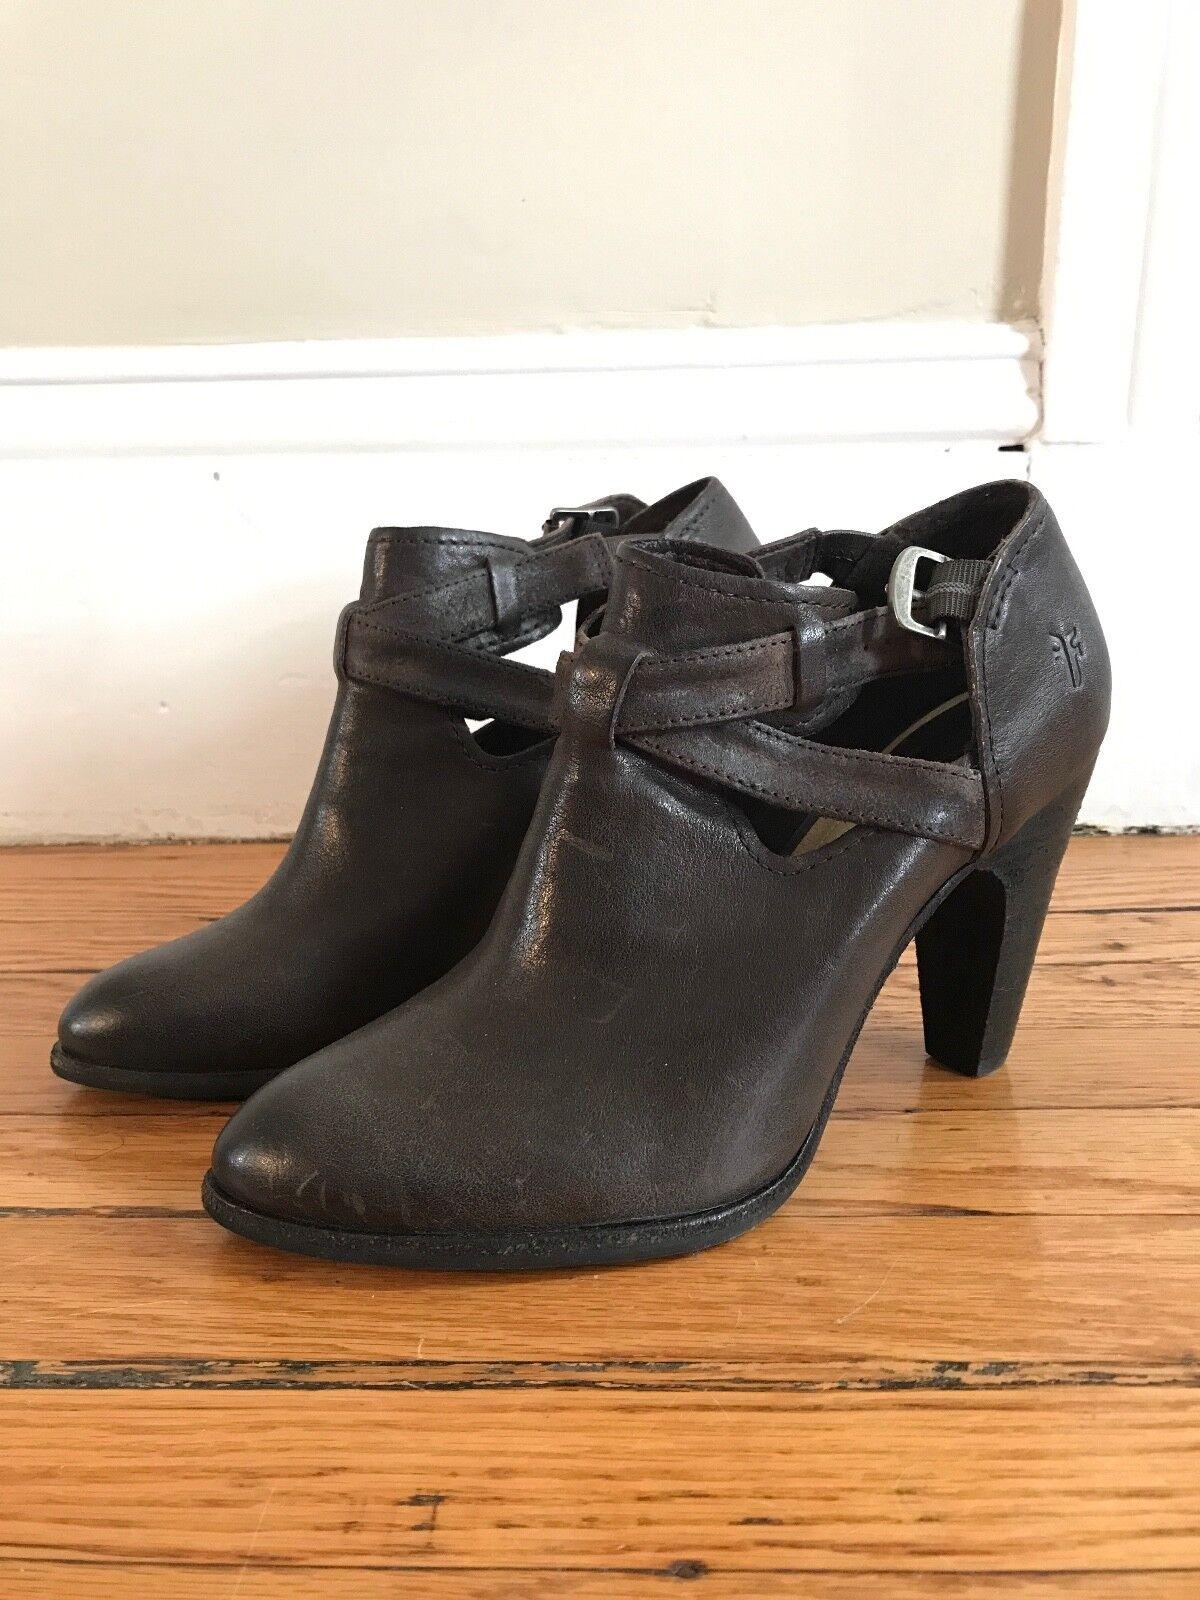 bellissima NWOT Frye Margaret Shootie Marrone Leather Dimensione 10 10 10  Garanzia di vestibilità al 100%